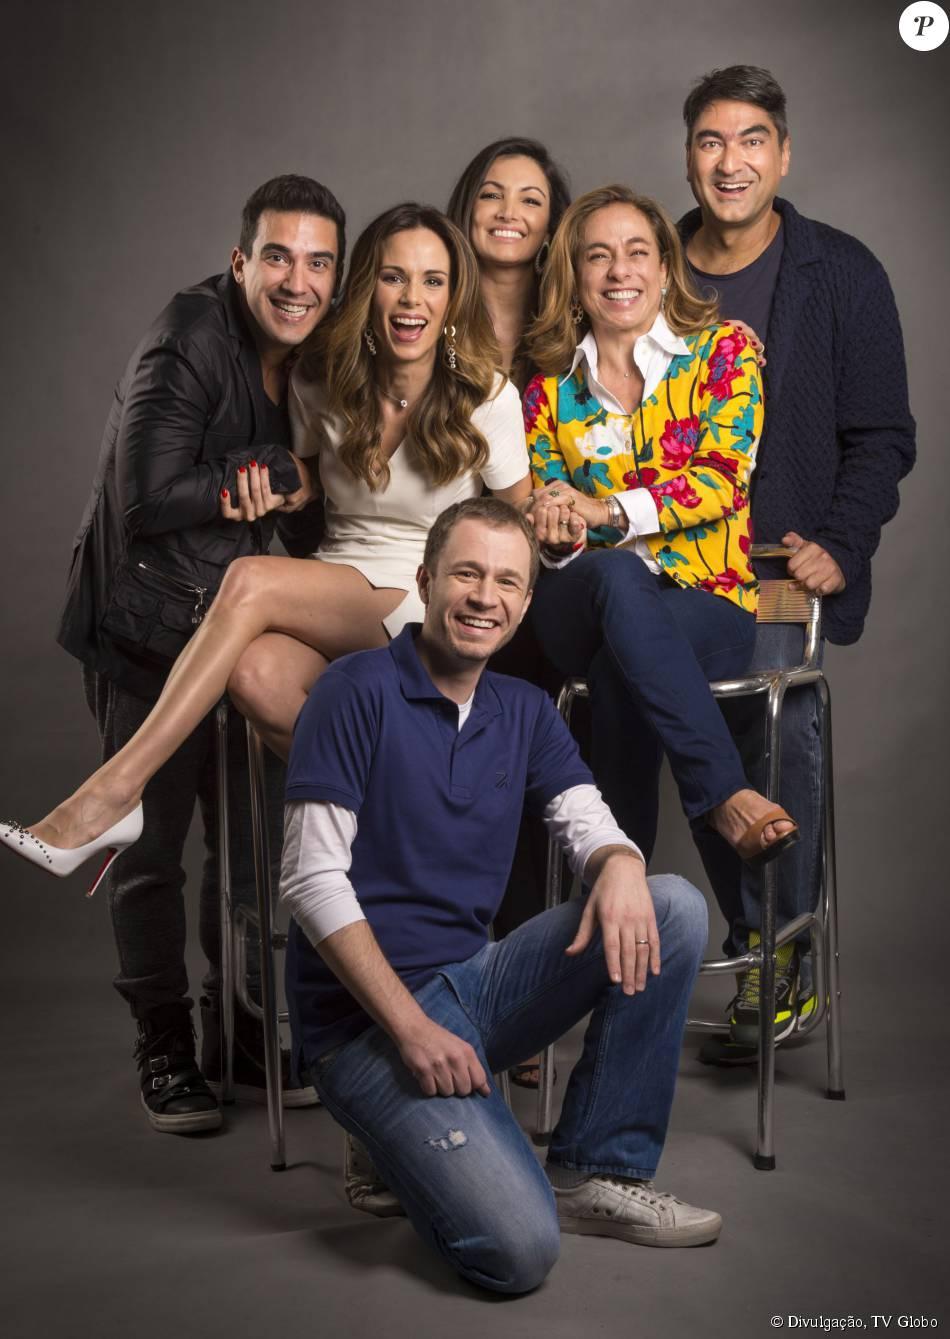 'É de Casa' recebe Fátima Bernardes na estreia, mas é criticado: 'Bagunçado', neste sábado, 8 de agosto de 2015